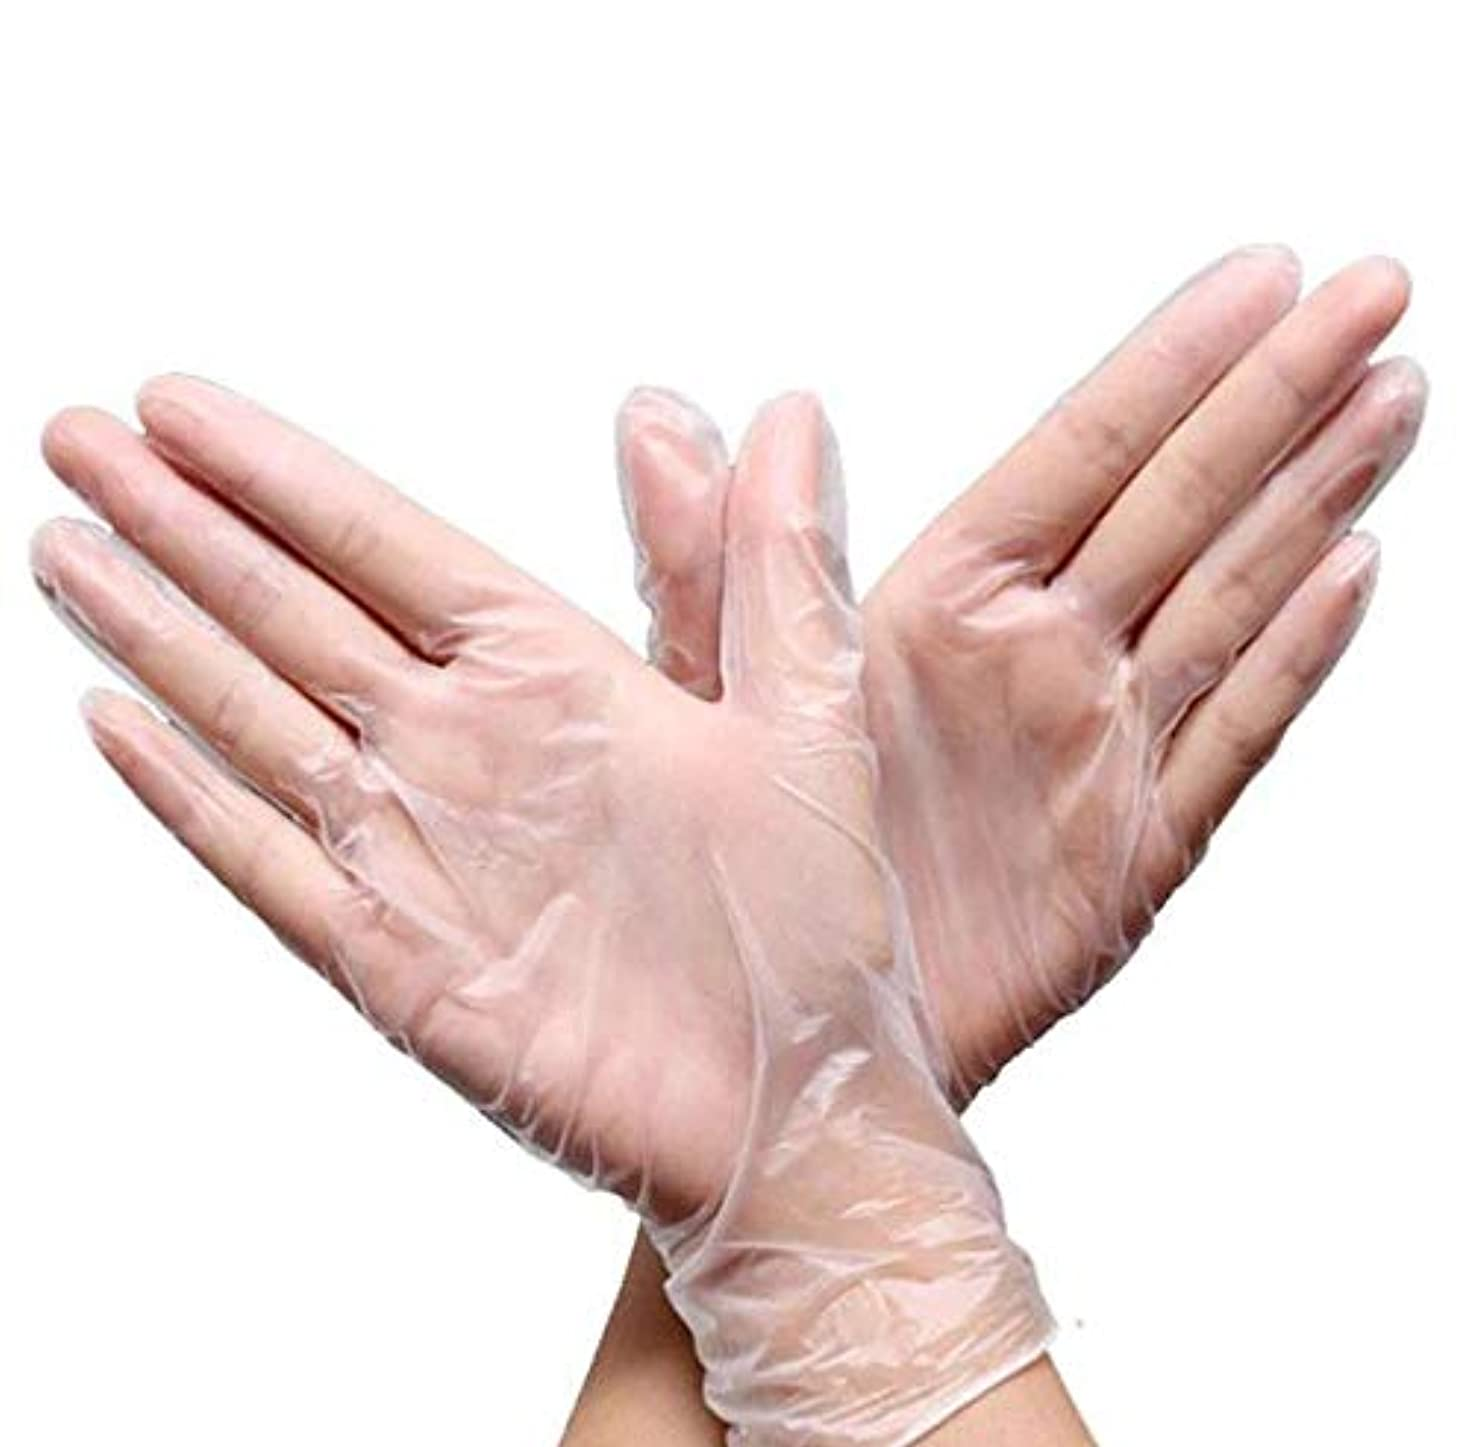 介入する公式彼女STK ニトリルゴム手袋 使い捨て手袋 透明 耐油 防水 左右兼用 粉なし 手荒れを防ぎ 素手 薄い 介護 トイレ掃除 園芸 美容 食器洗い (50ペアセット)